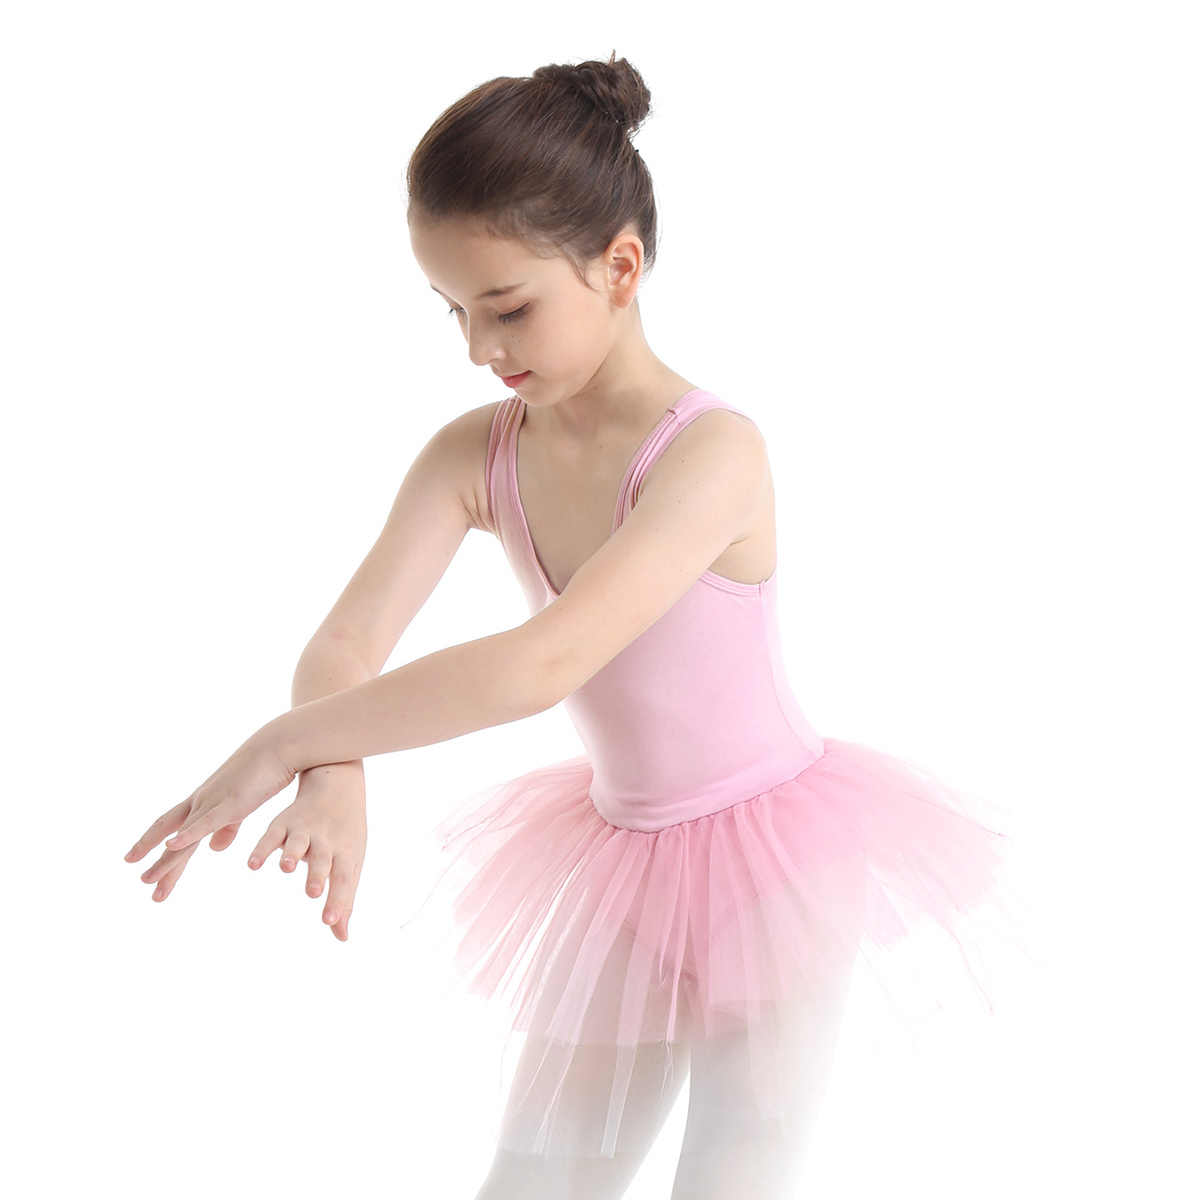 IEFiEL балетная пачка для девочек танцевальное школьное платье подростковое хлопковое Многоуровневое Сетчатое балетные и гимнастические трико для детского костюма платье